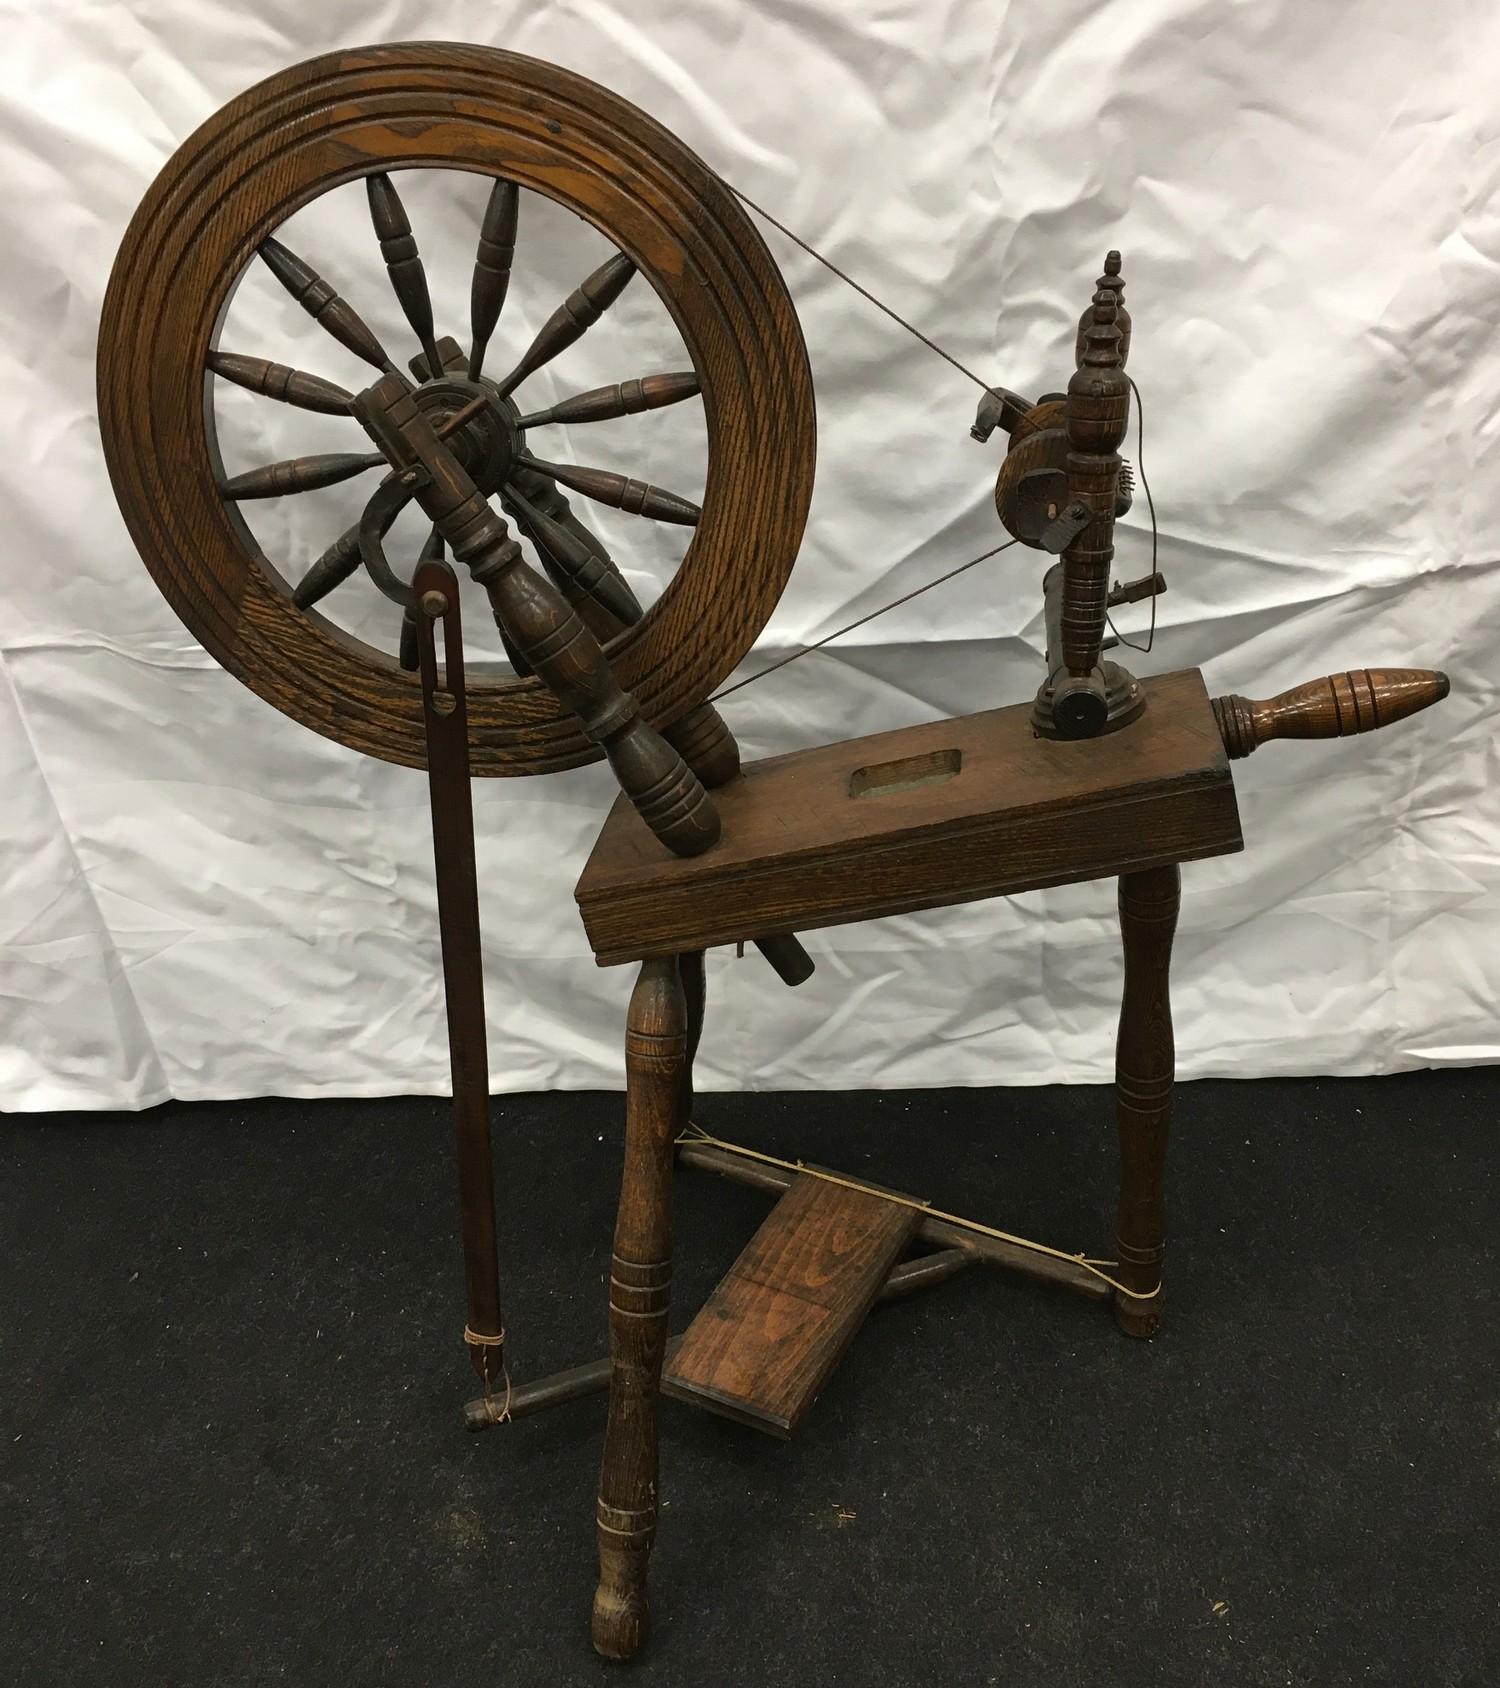 Wool spinning wheel working